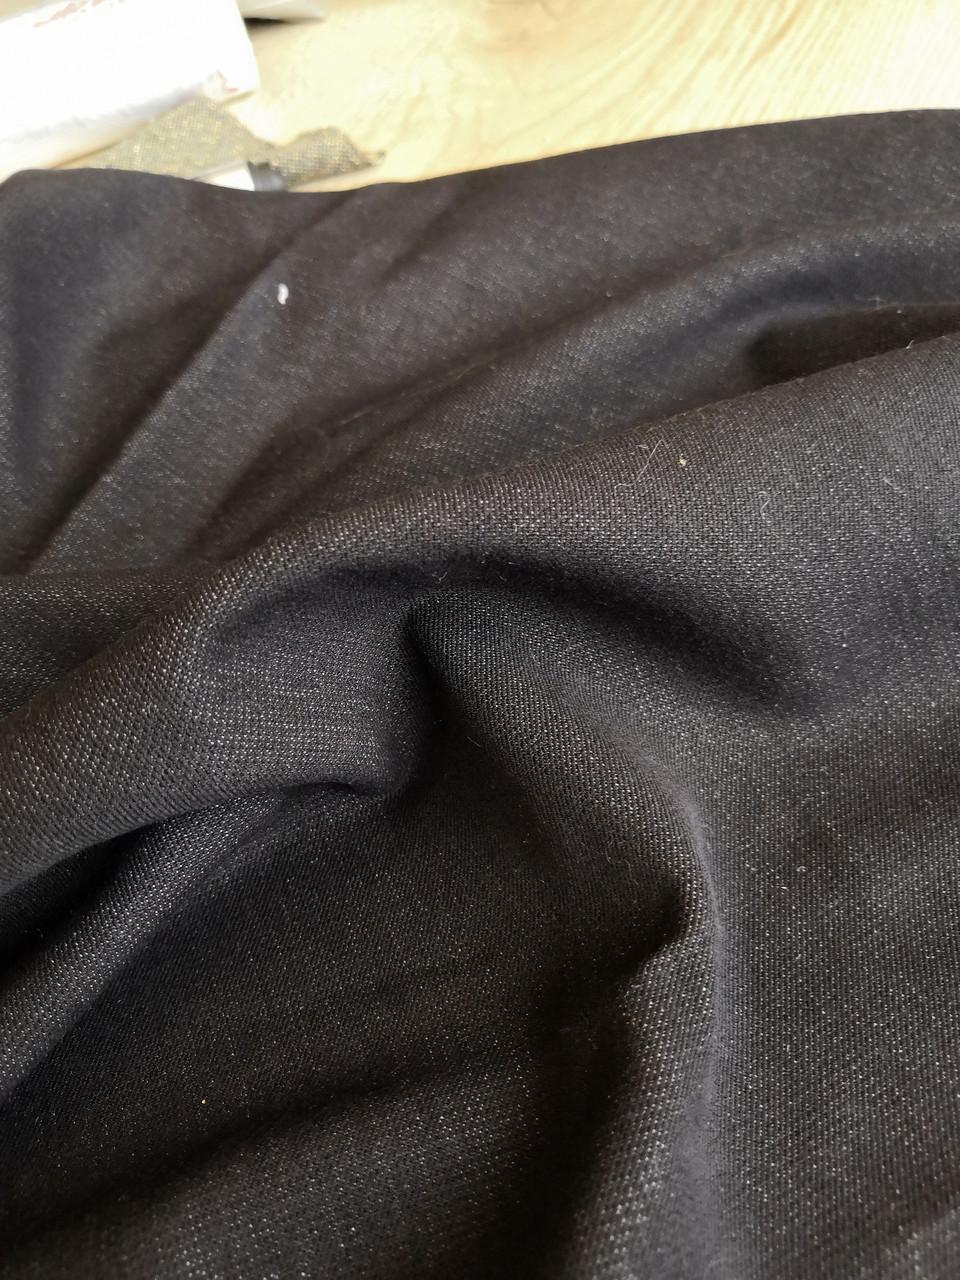 Джинс чёрный стрейч мерный лоскут 90см*40см